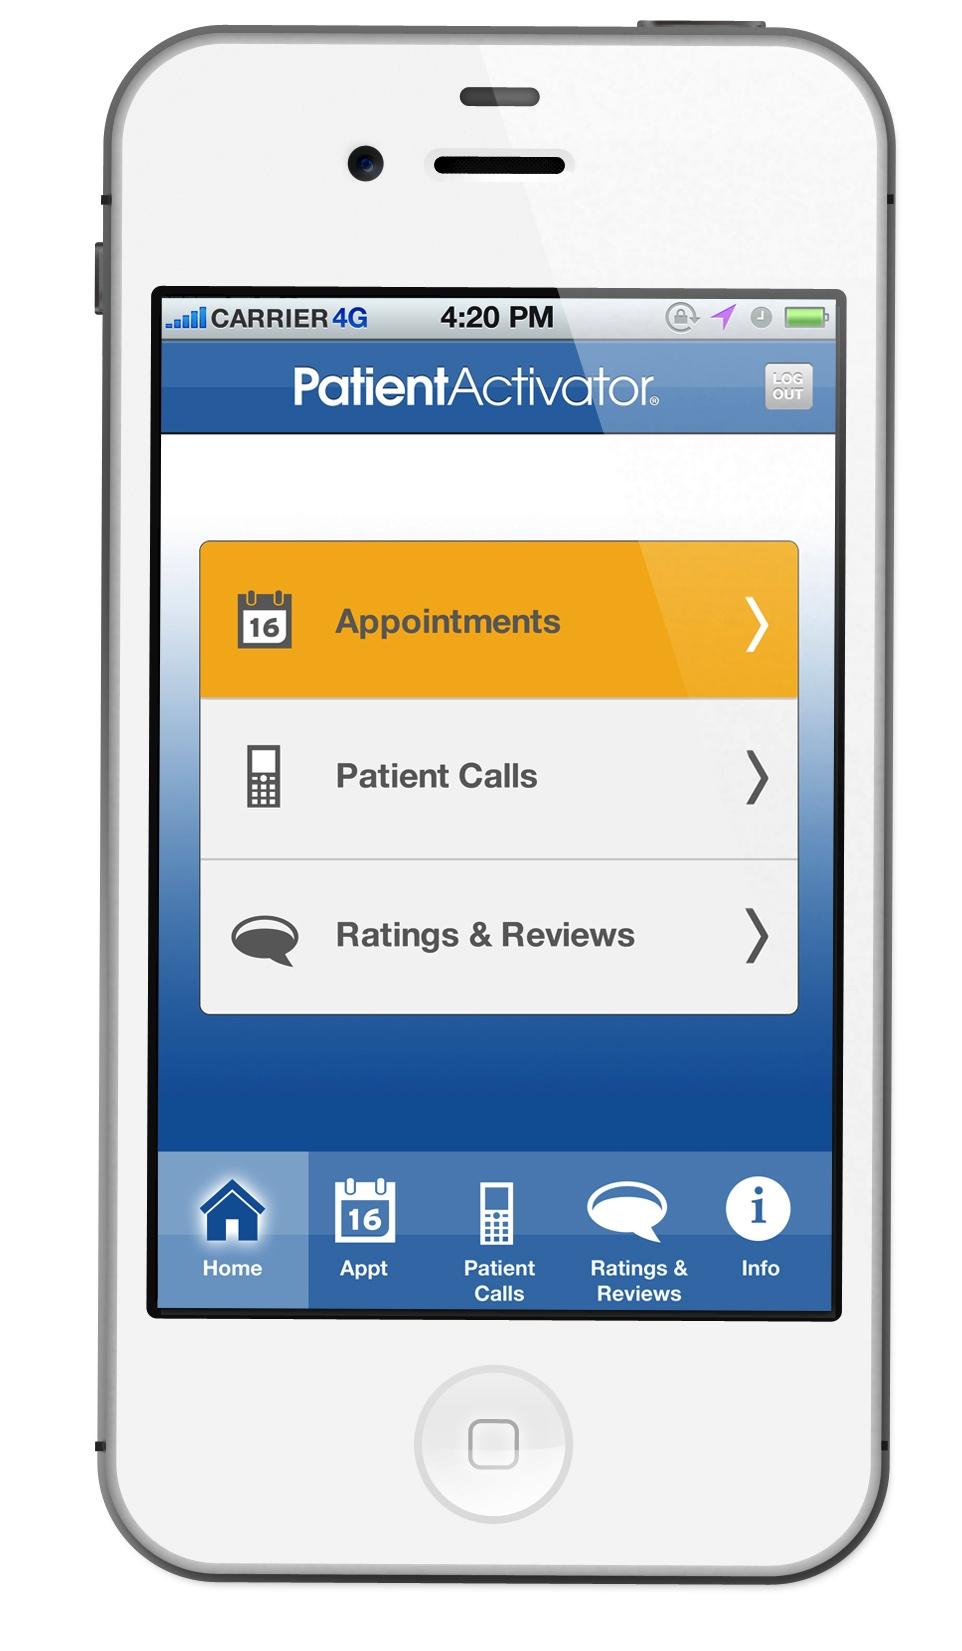 13-03-007_1-800-DENTIST_Patient Activator app